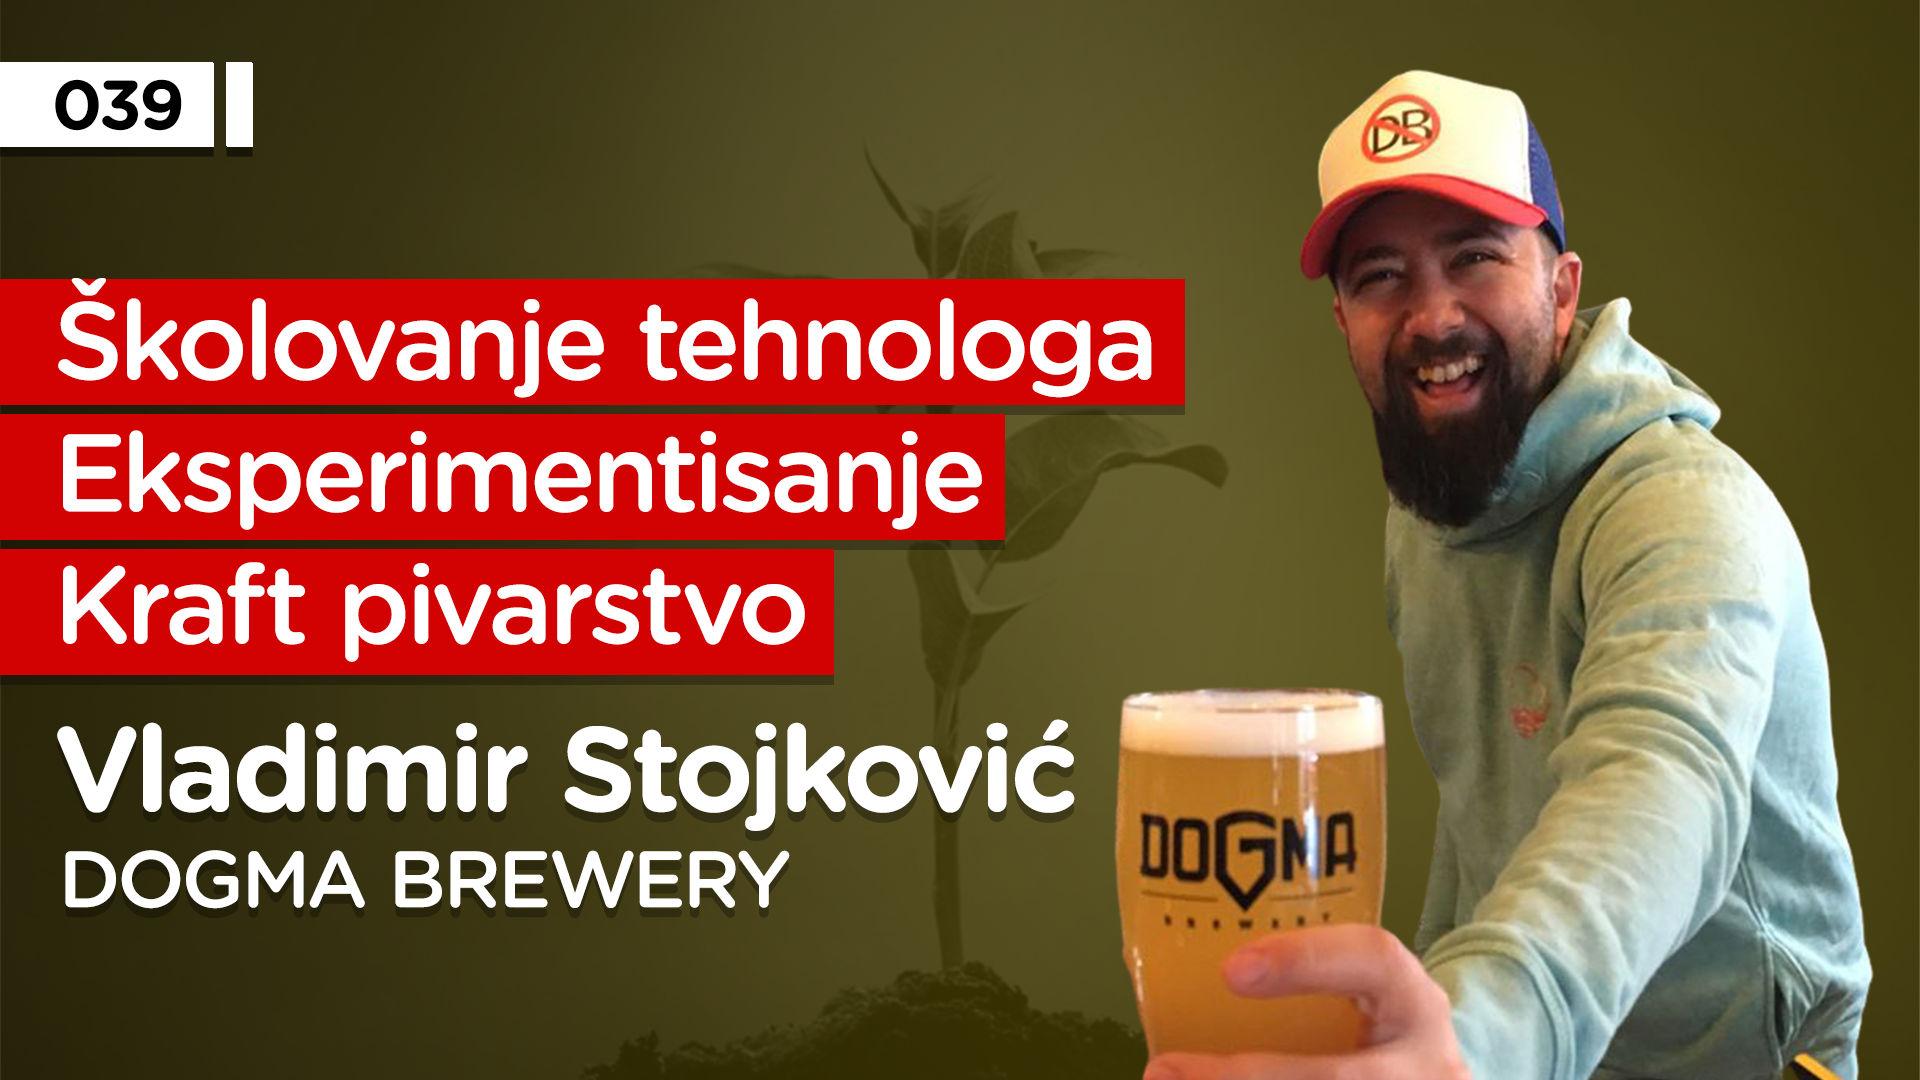 EP039: Vladimir Stojković